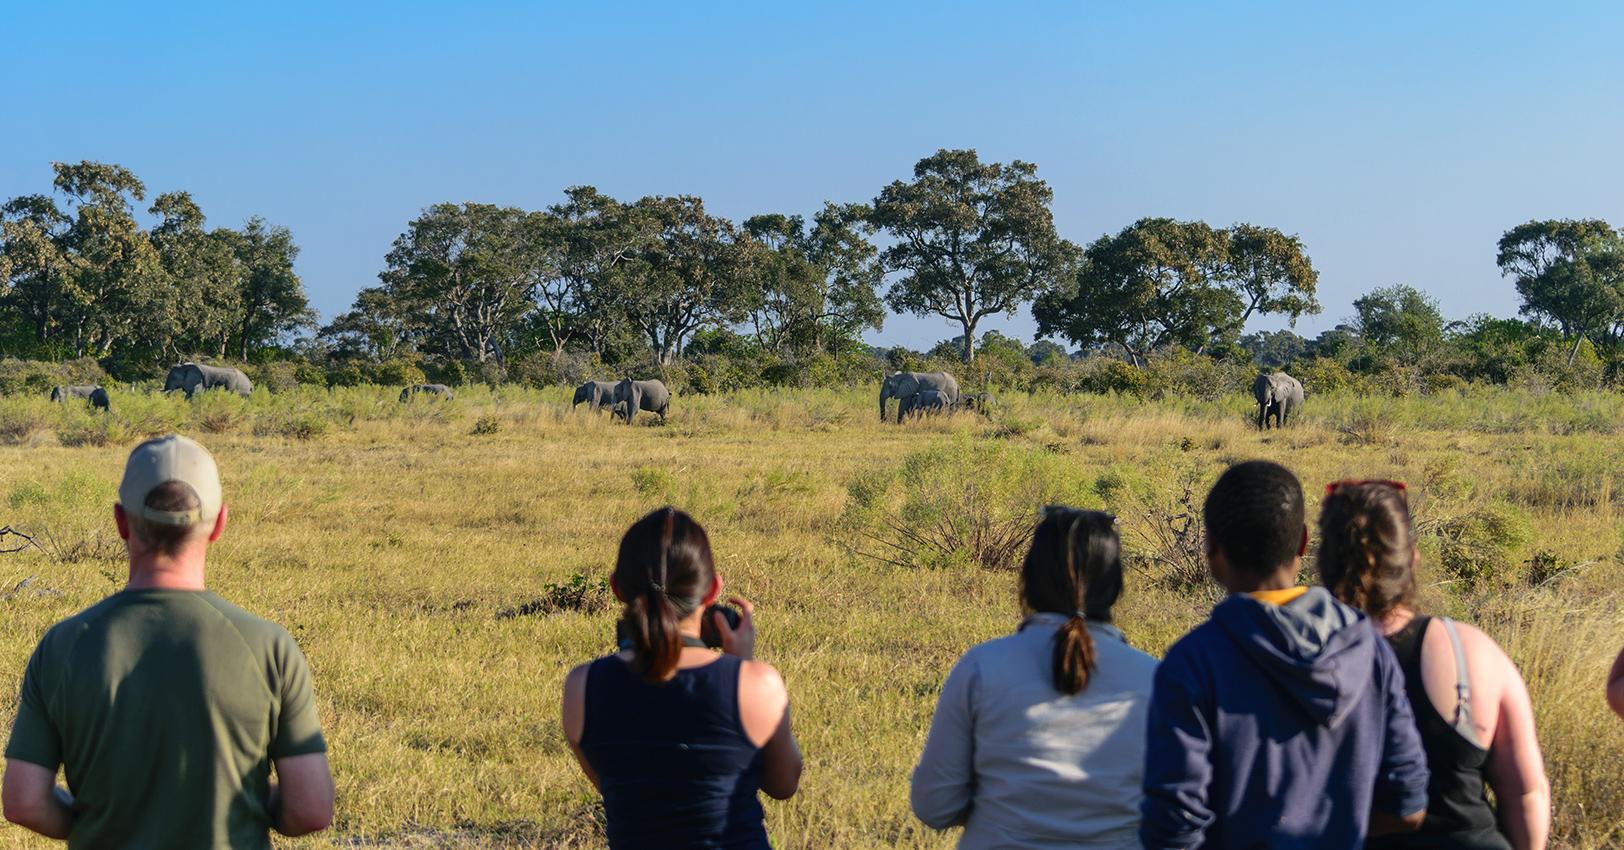 GM-Leigh-Intrepid-Travel-Botswana-Okavango-Botswana-(55-of-173)-1528134665593.jpg